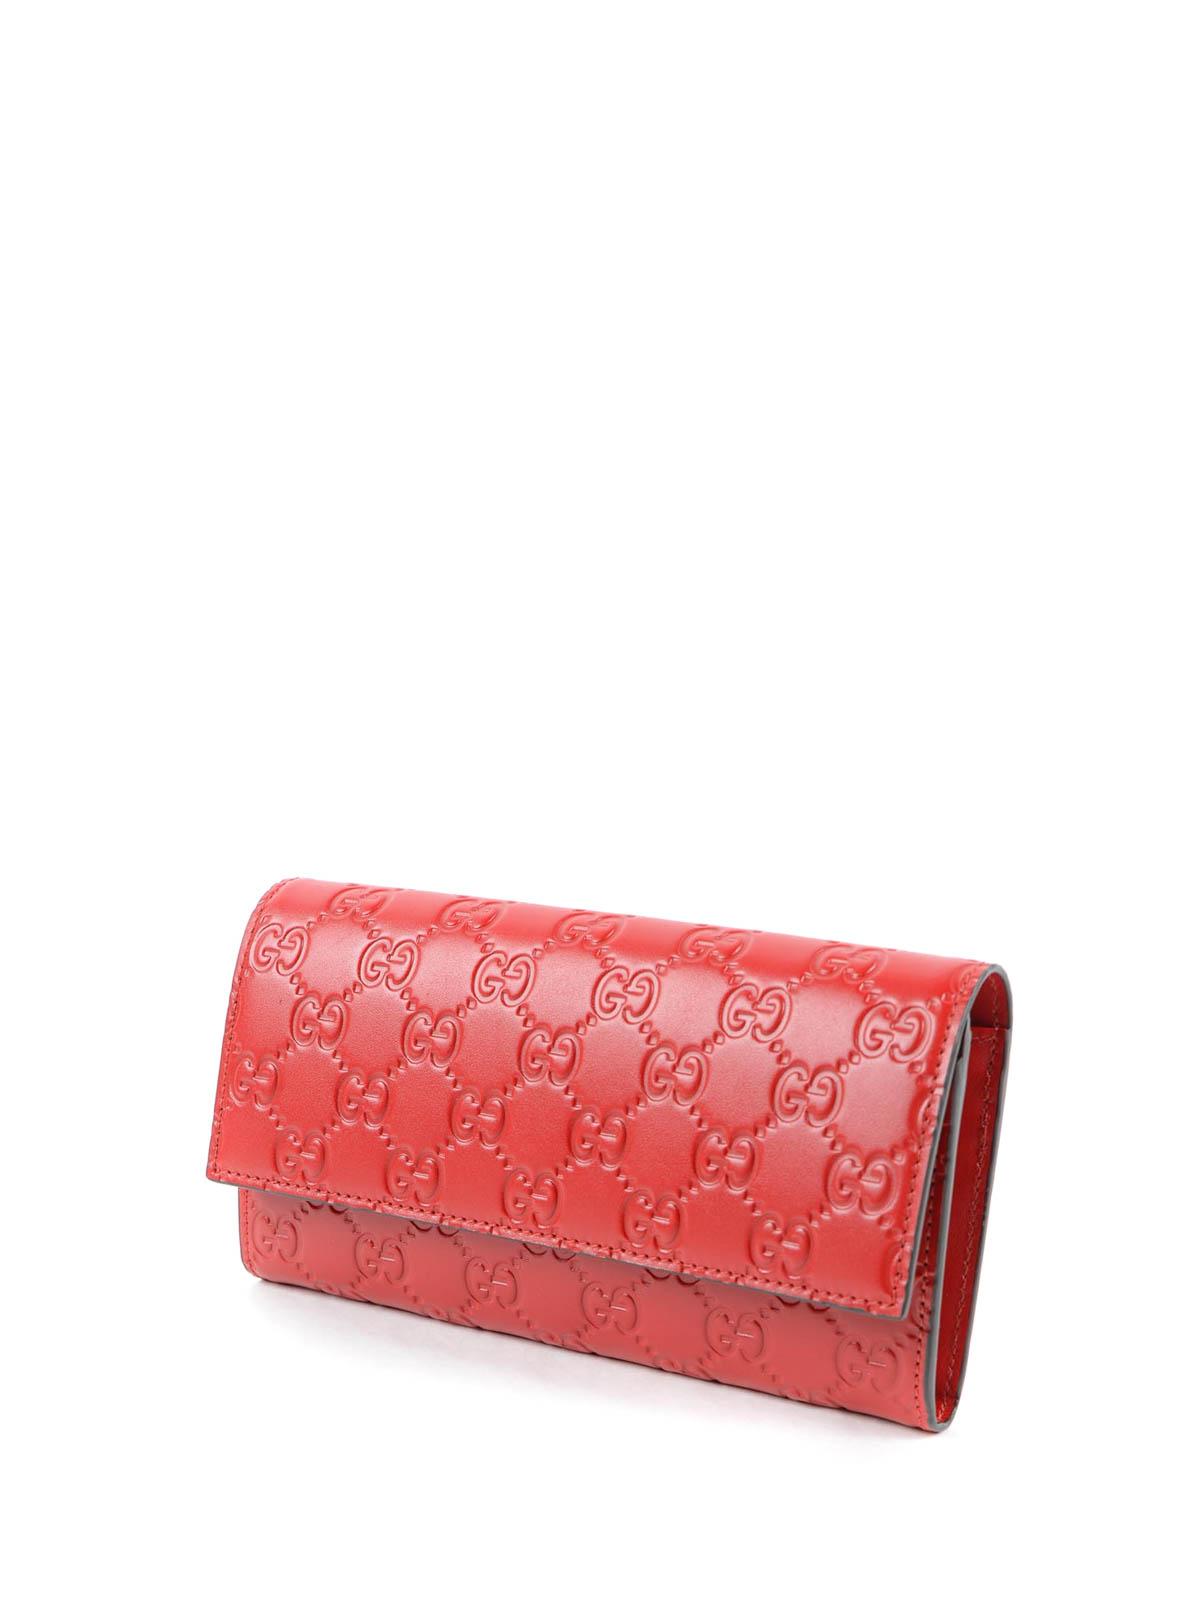 d0041b8ce71b1 GUCCI  Portemonnaies und Geldbörsen online - Portemonnaie Fur Damen - Rot